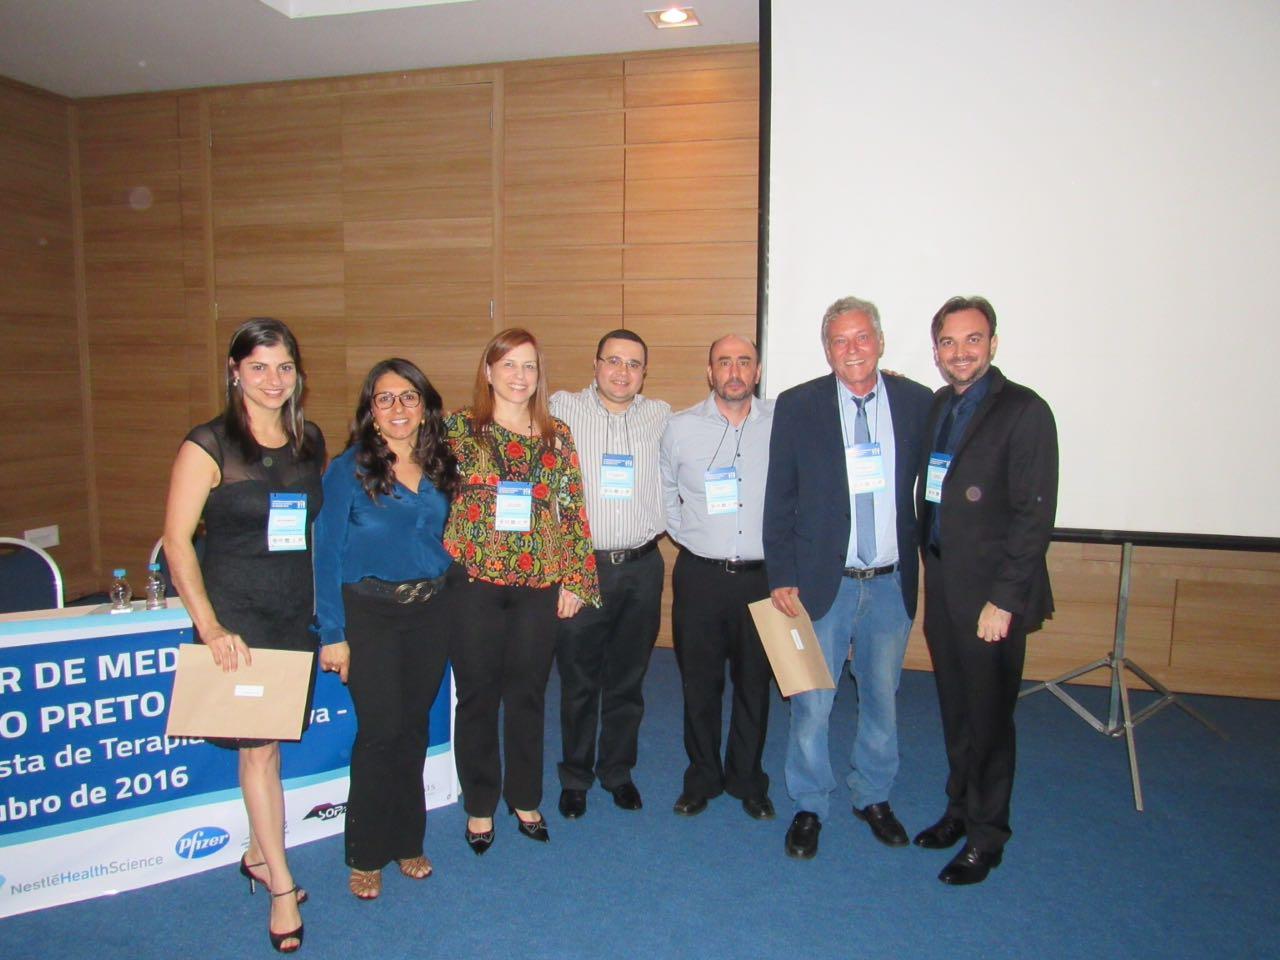 Foto 13 simposio_ribeirao_preto (13).JPG